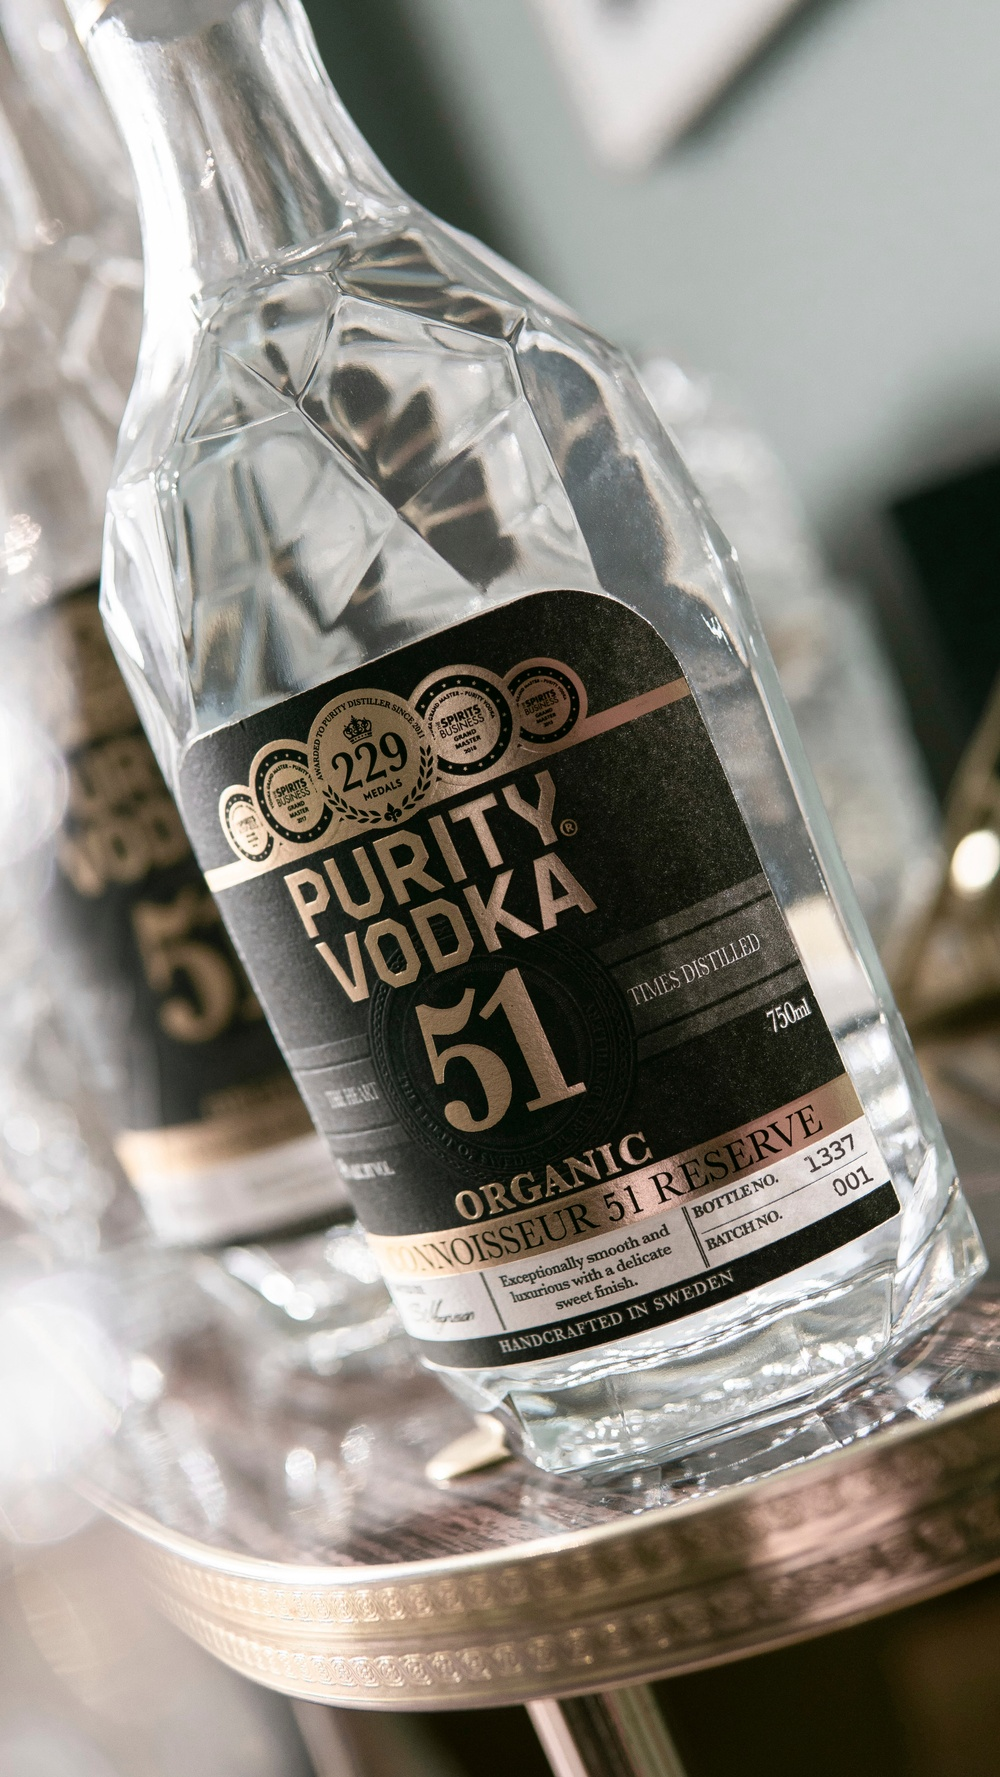 Purity Vodka Connoisseur 51 Reserve Label detail